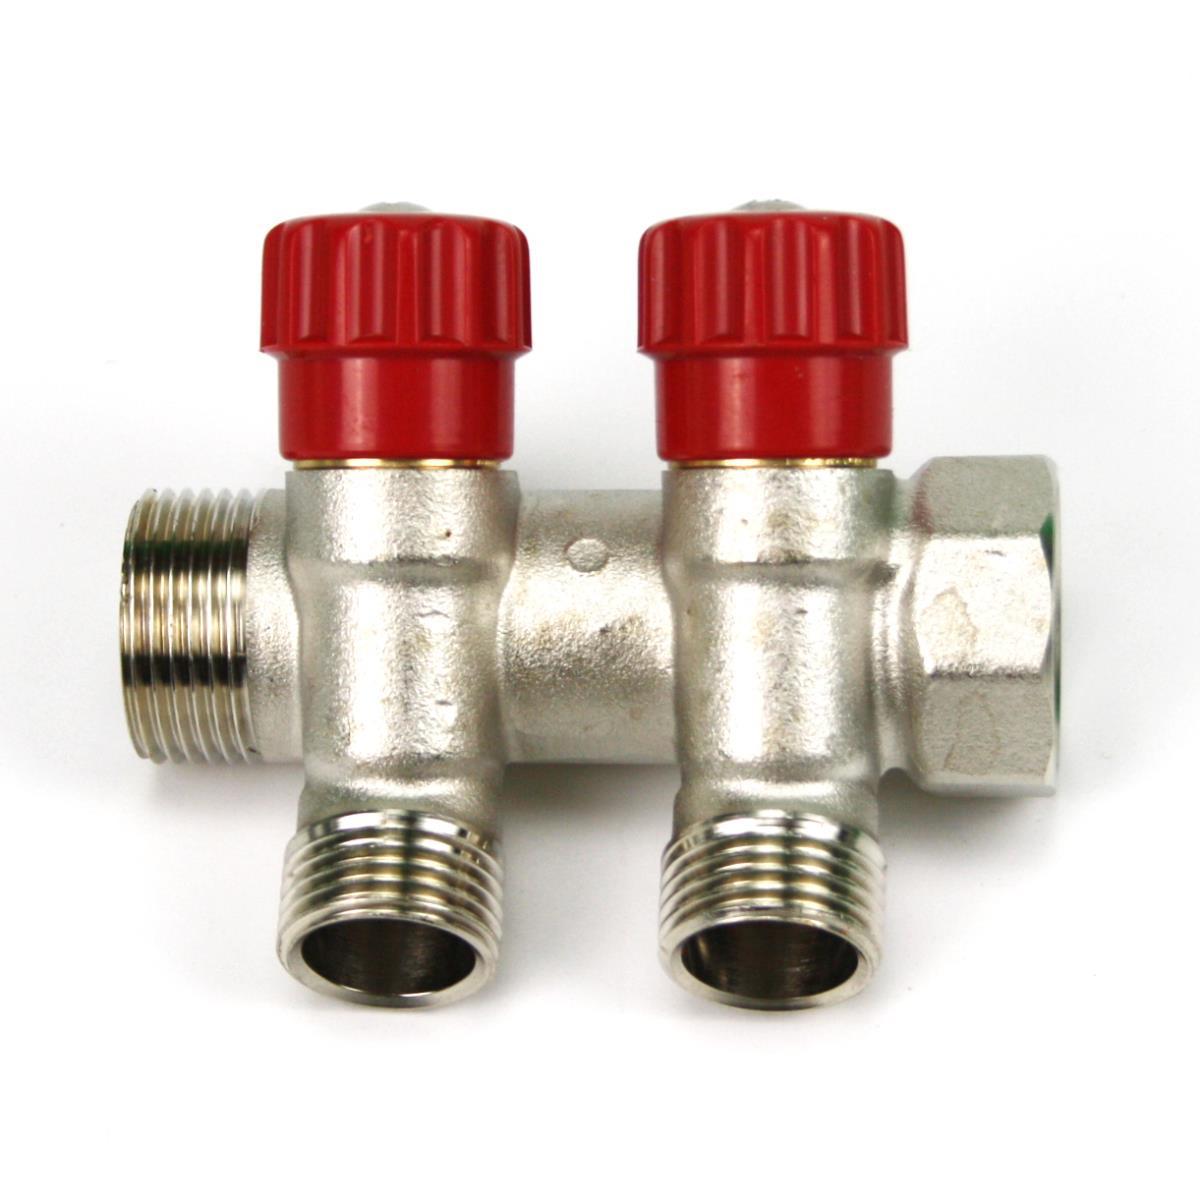 """Verteiler 2-Fach mit Absperrventil Rot Sanitär 3/4"""" x 1/2"""" Wasser Heizung  ,Poletti,C32200QR35, 8025459057728"""